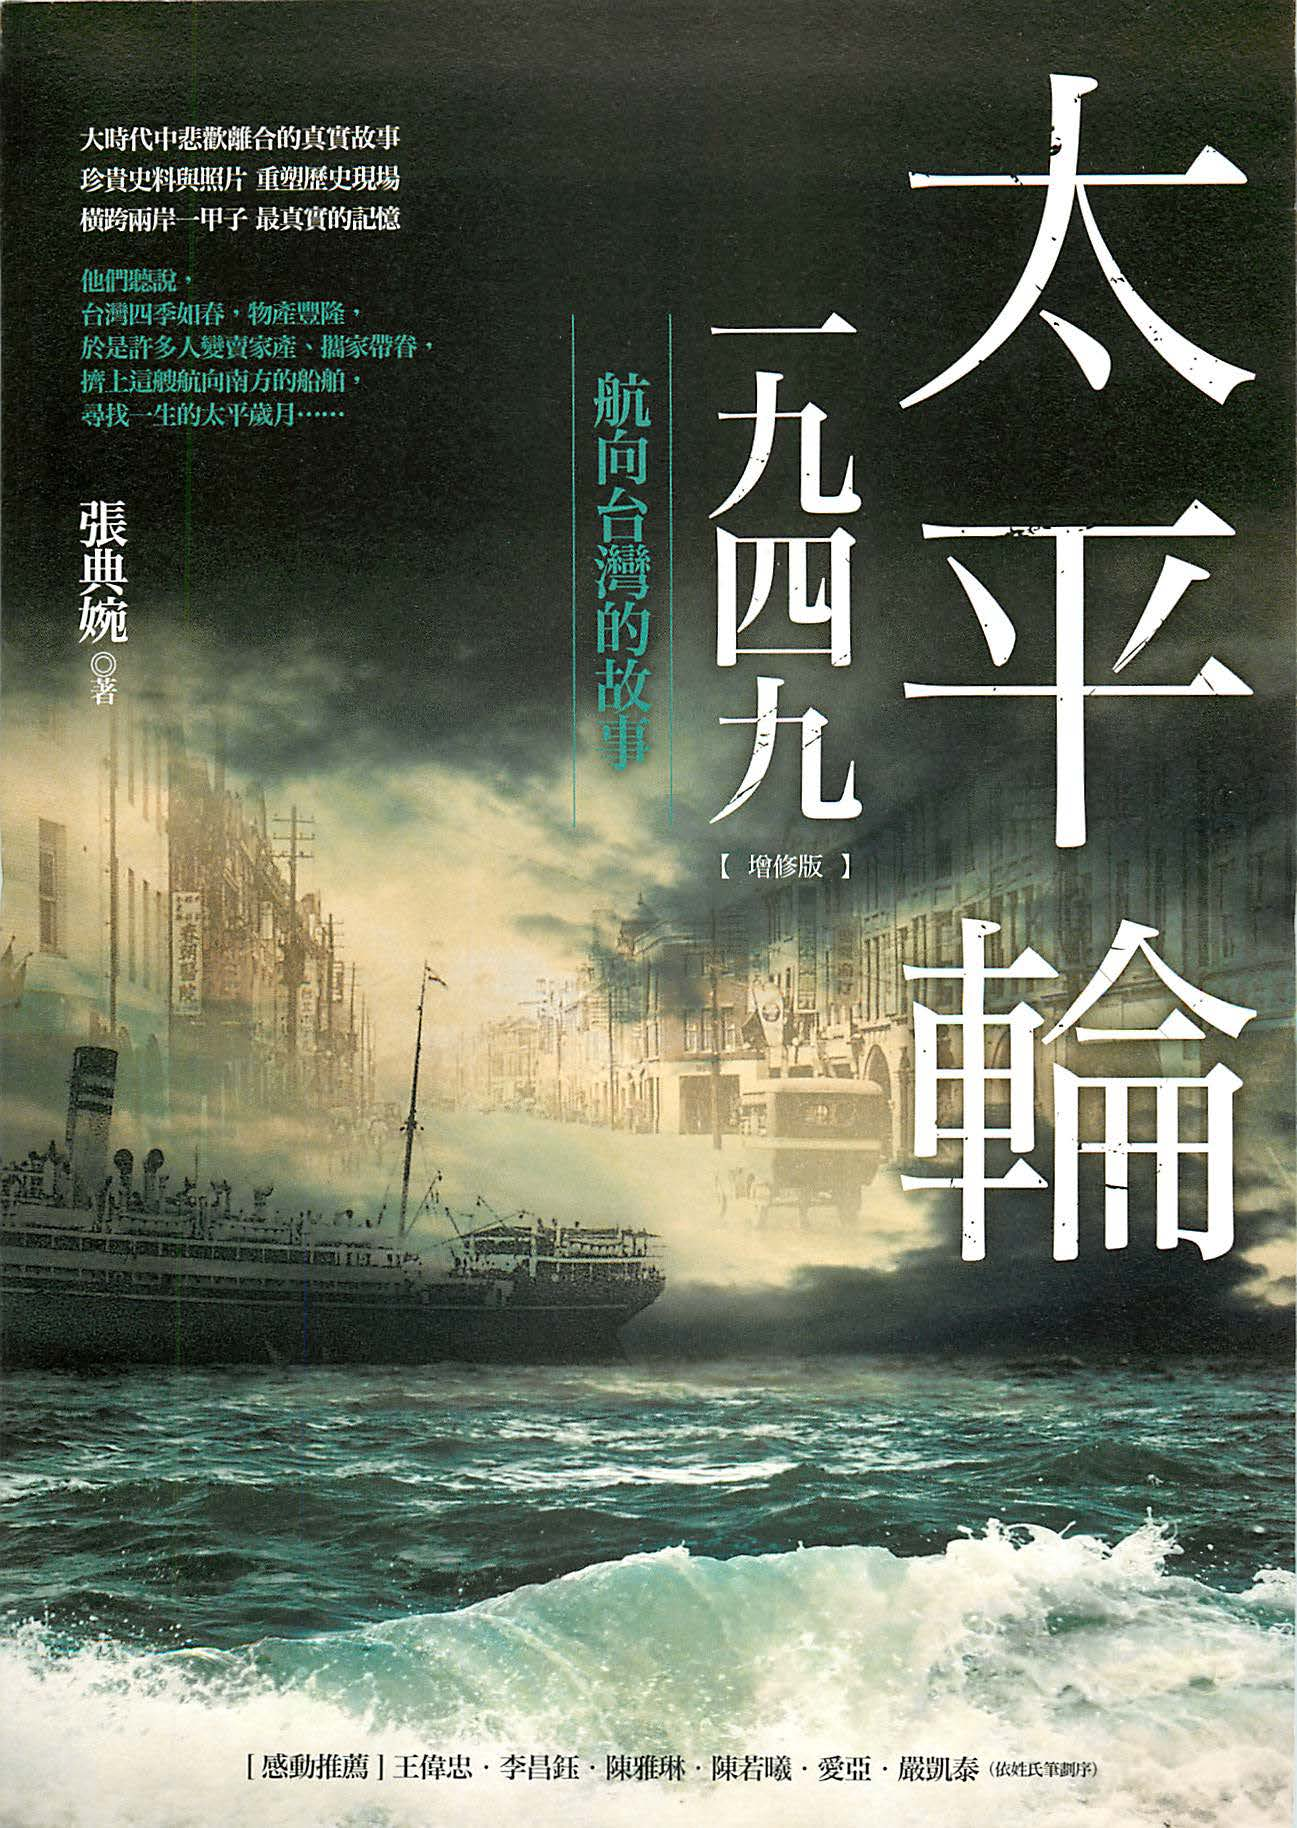 太平輪一九四九 航向台灣的故事 (封面)